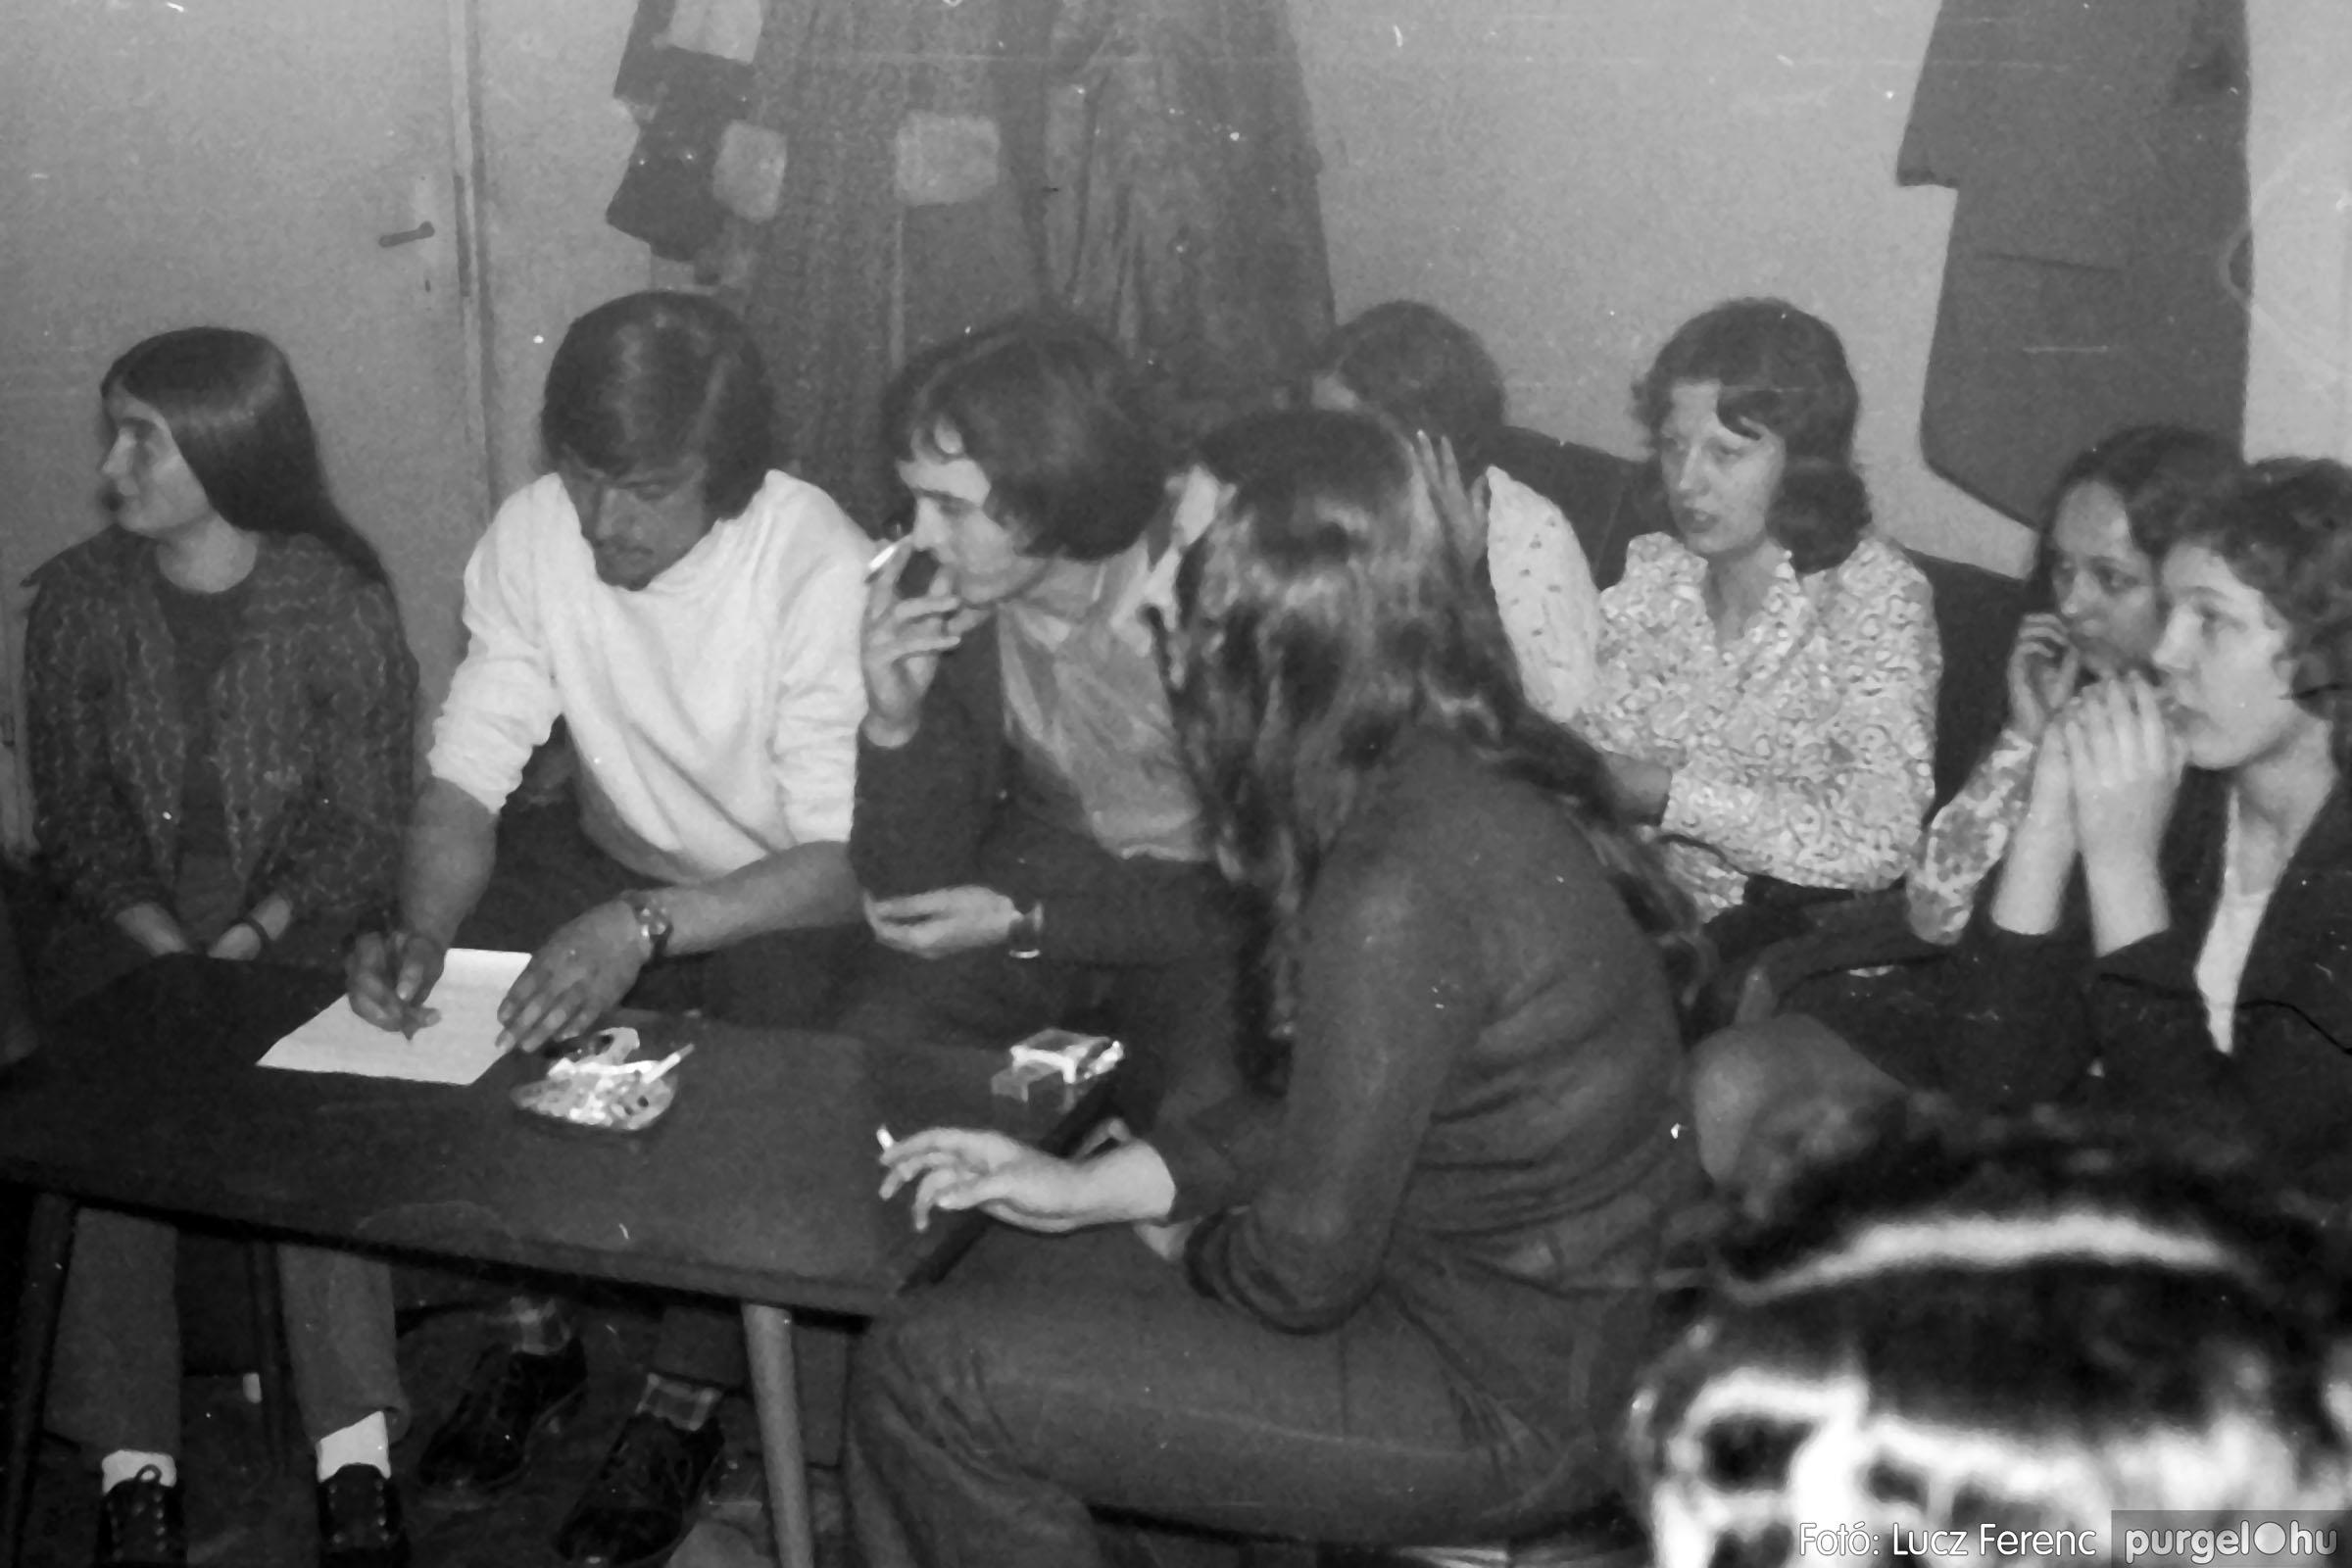 018-019 1975. Élet a kultúrházban 016 - Fotó: Lucz Ferenc IMG00058q.jpg